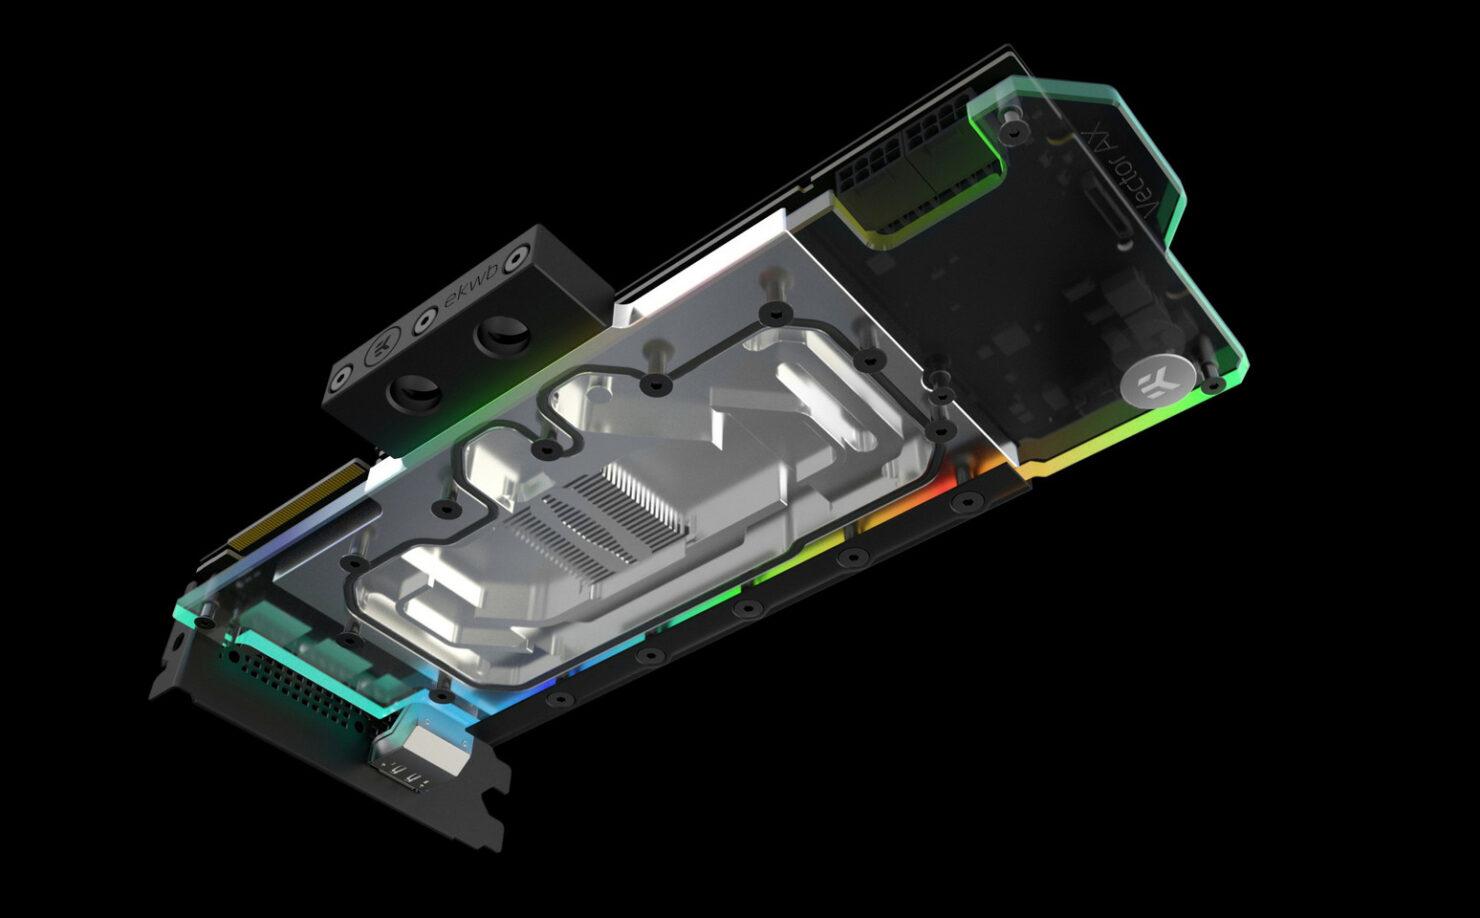 ek-ac-water-blocks-nvidia-geforce-rtx-2080-ti-and-geforce-rtx-2080_2